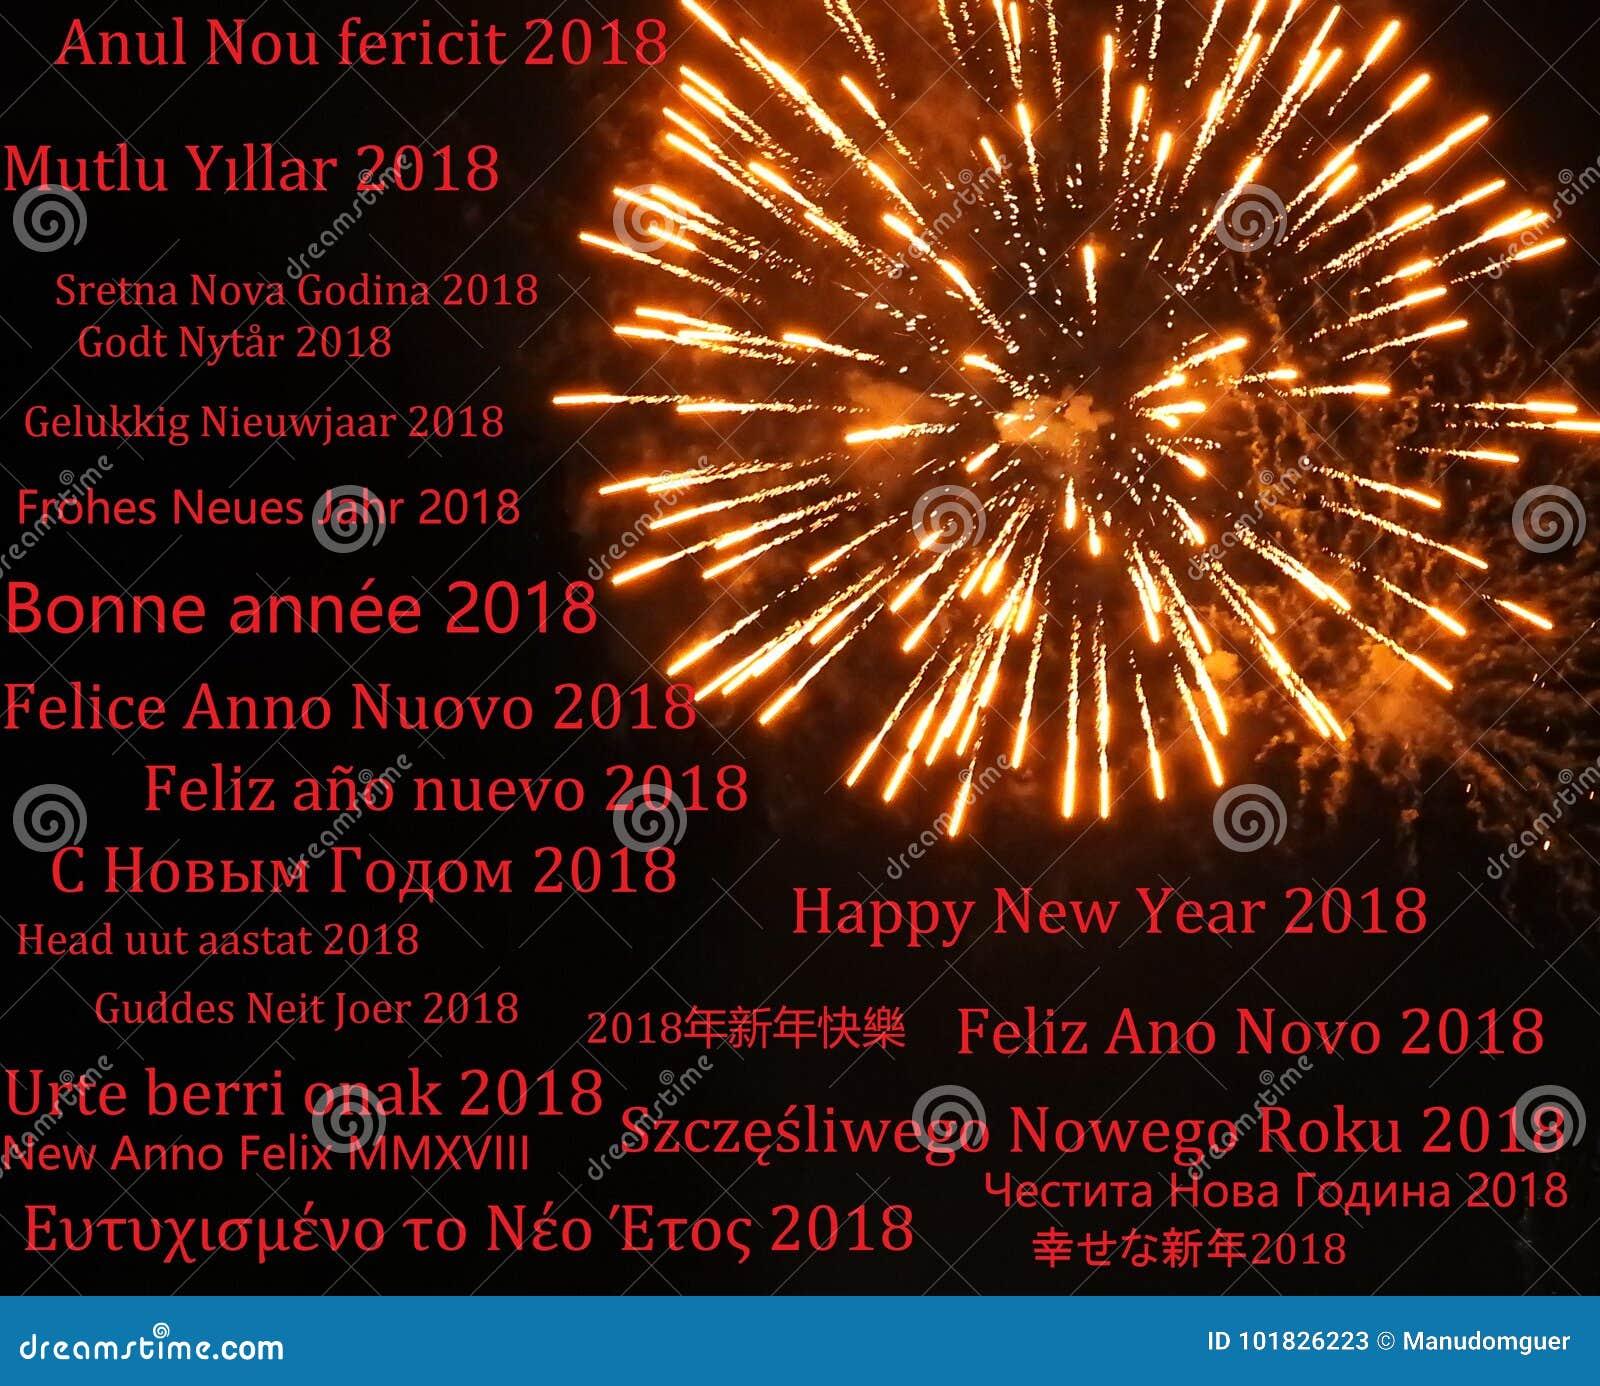 Annãe 2018 Feliz Aão Nuevo Felice Anno Nuovo 2018 Bonne 2018 Guten